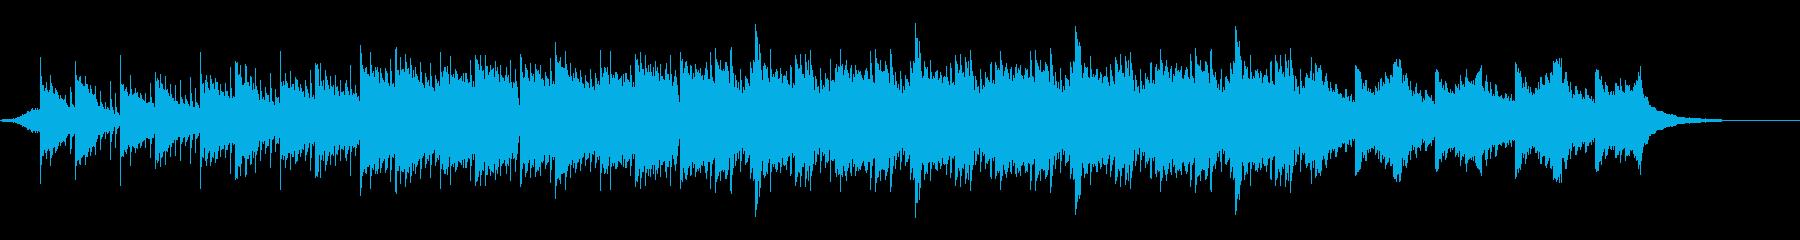 ウェディング4 Eショート(ドラム無し)の再生済みの波形